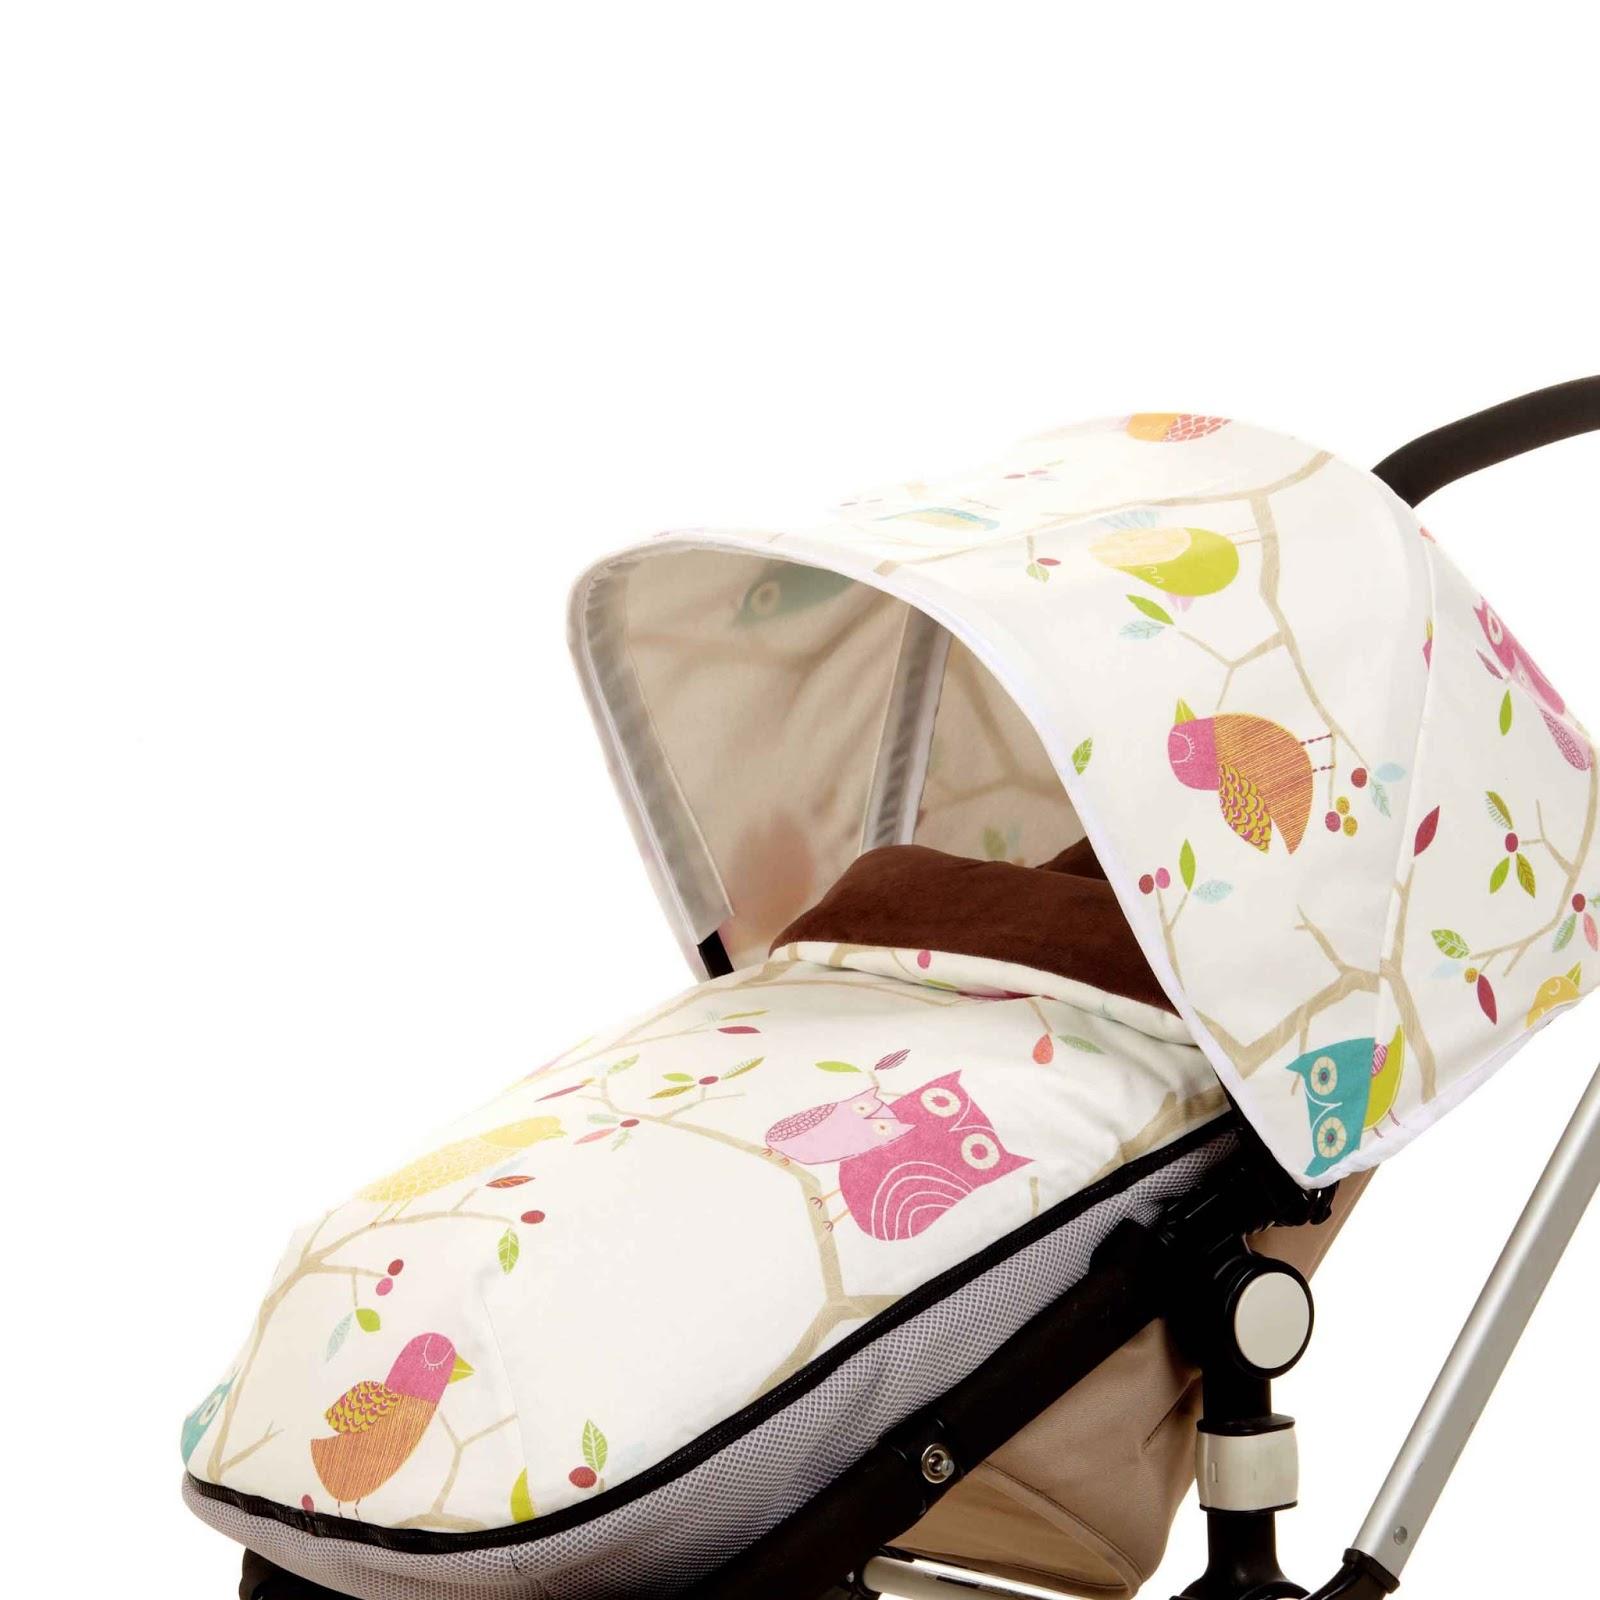 Fundas y sacos sillitas de paseo saco bugaboo donkey ideal mellizos - Sacos para sillas de paseo bugaboo ...